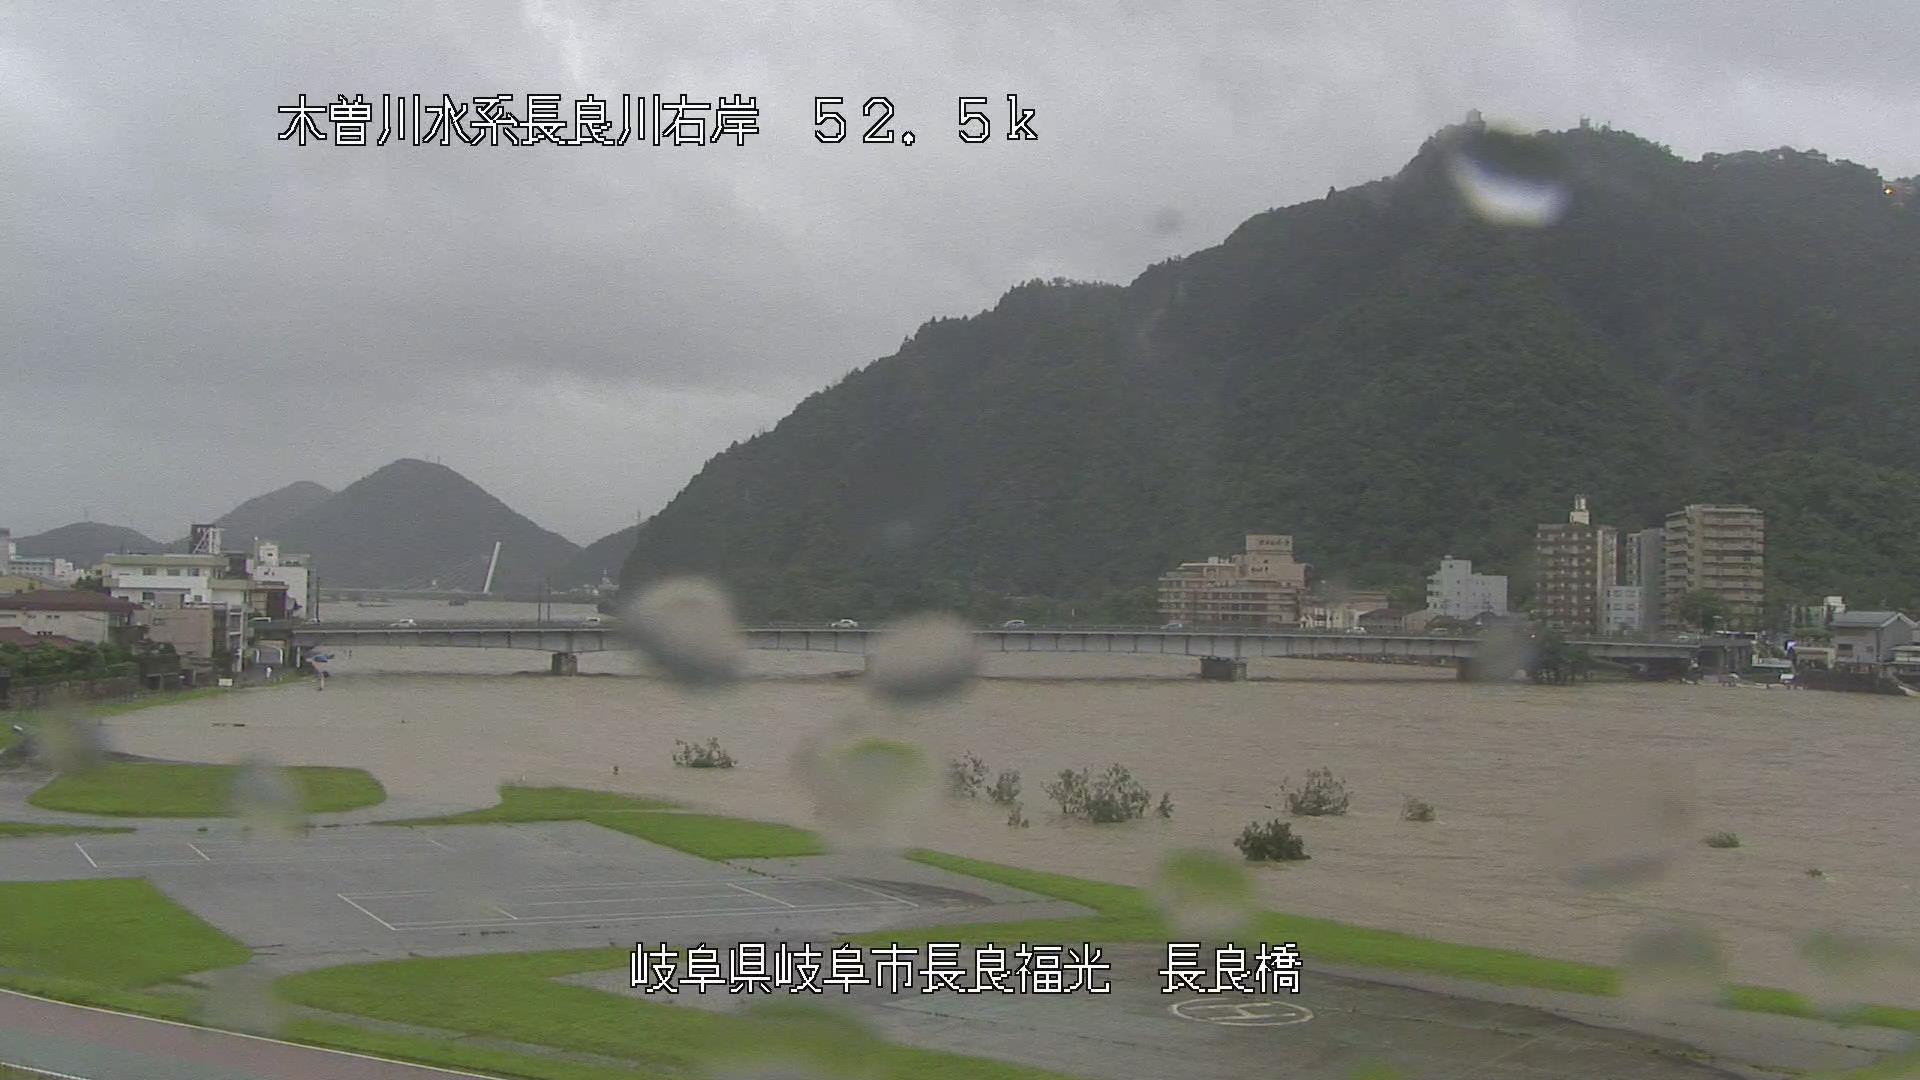 画像,まぁこんなかんじです。岐阜市内の長良川。 https://t.co/gKtfpWGSQg https://t.co/SL9tKgLQ8C https://t.c…